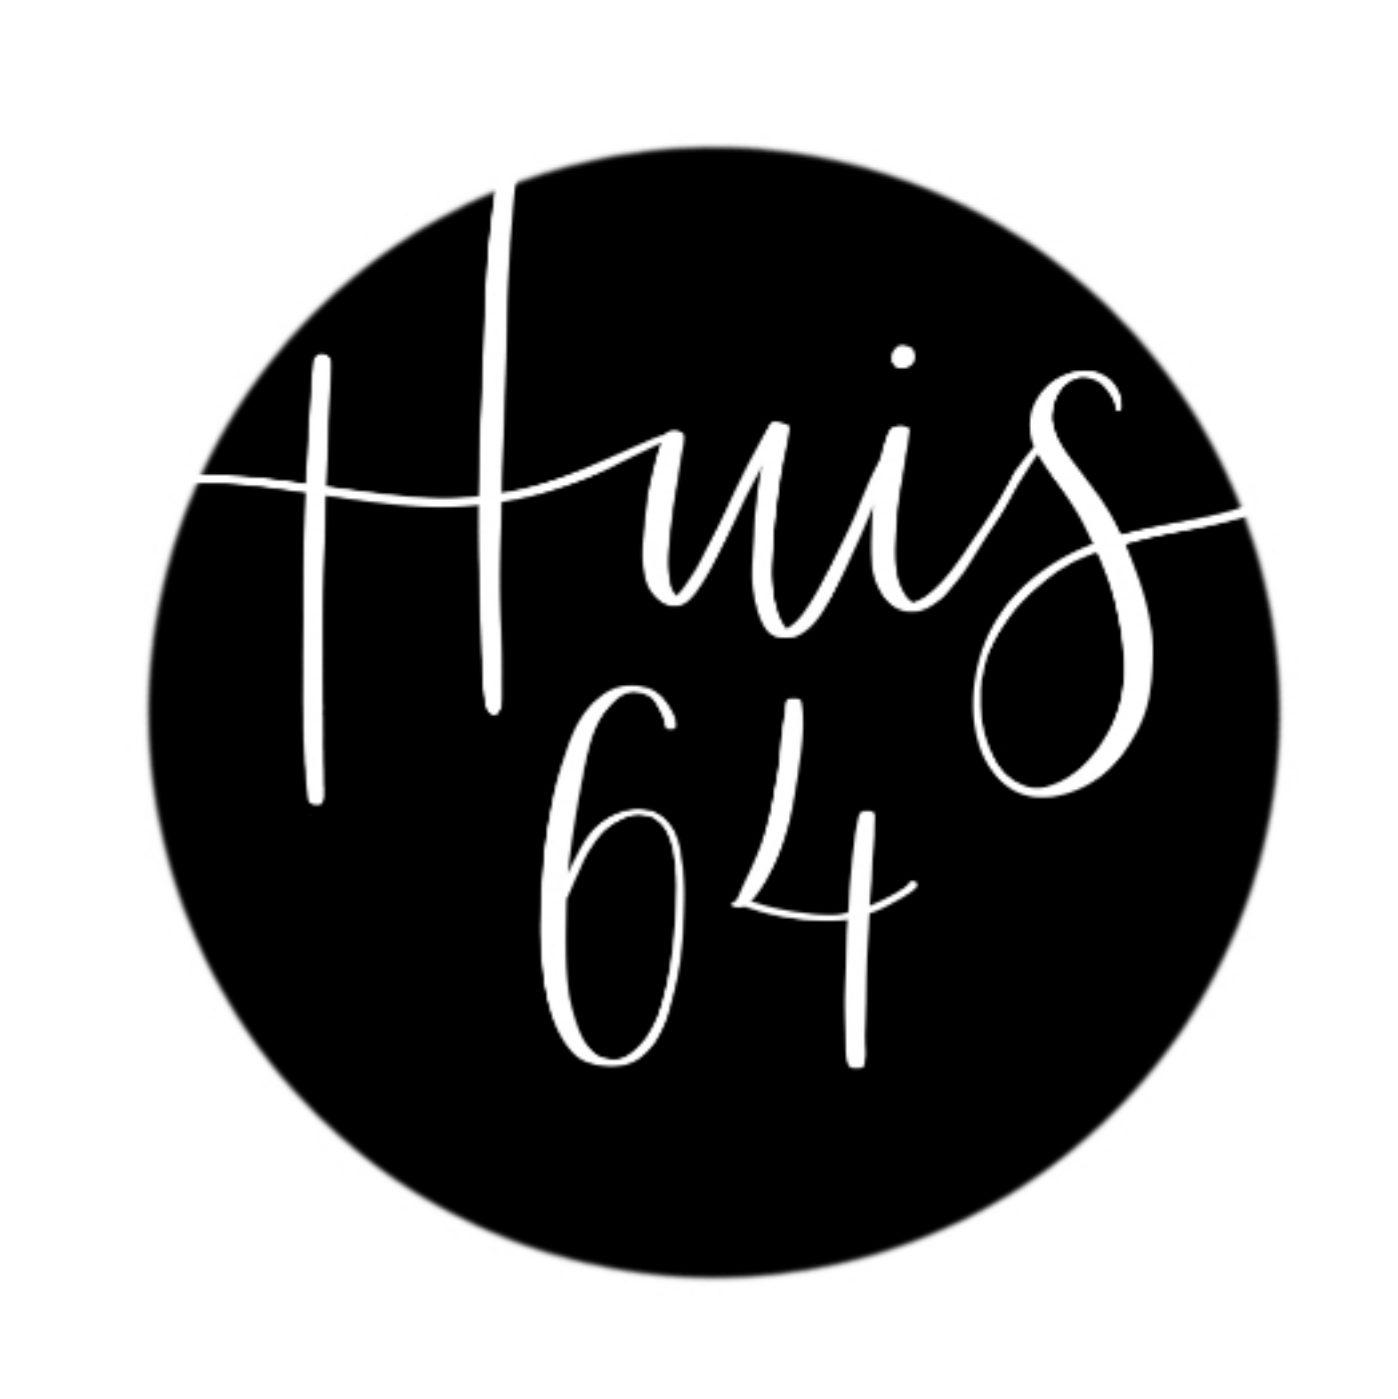 Huis_64